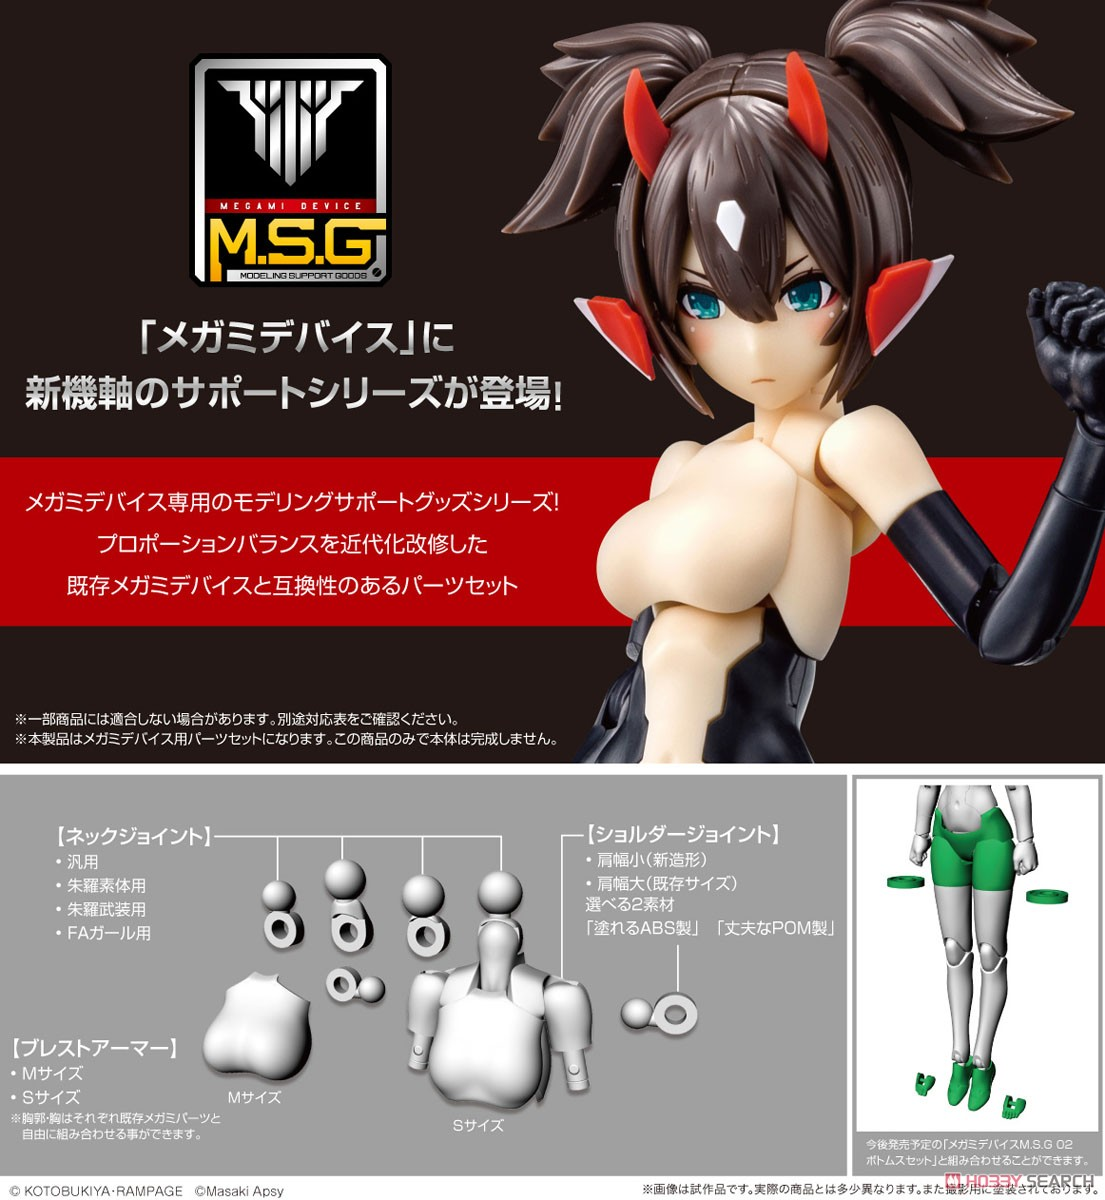 メガミデバイスM.S.G 01『トップスセット スキンカラーA』1/1 プラモデル-001